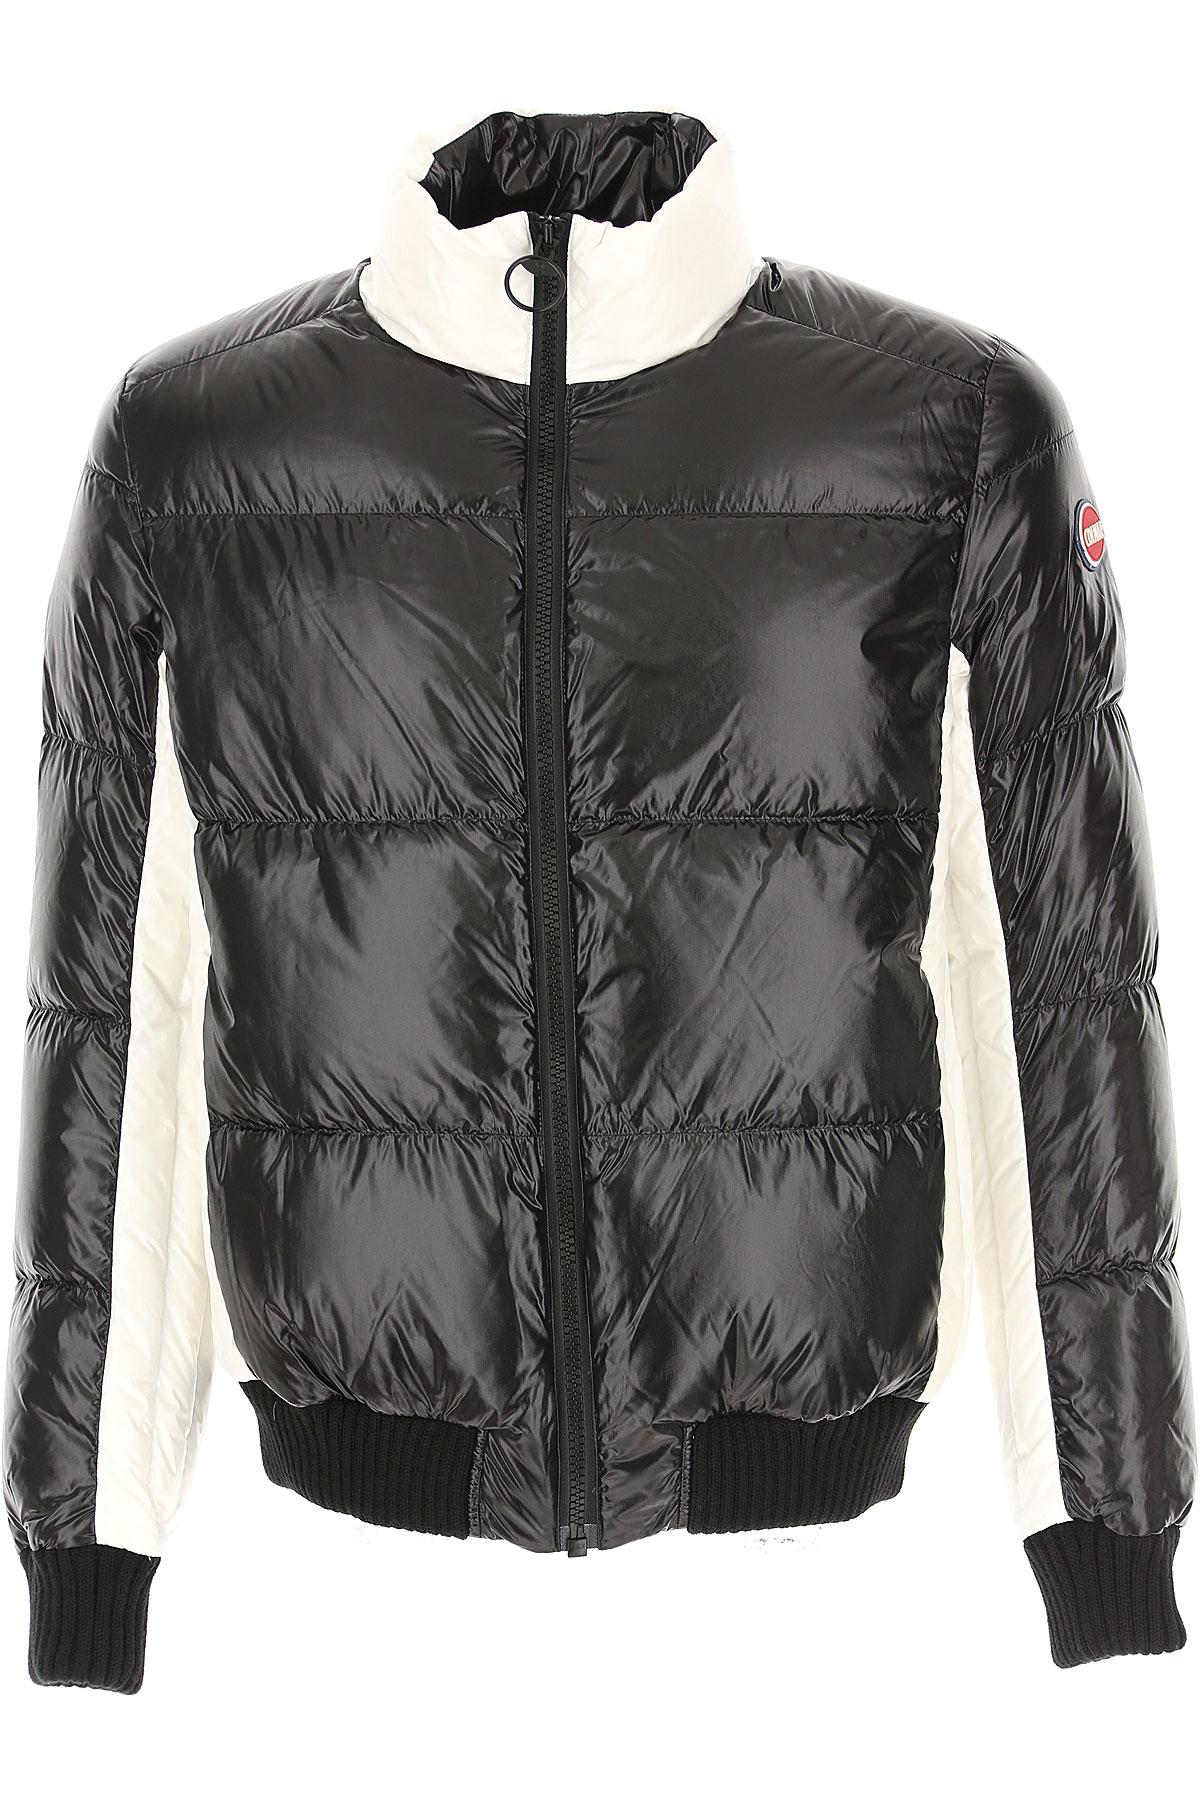 Colmar Down Jacket for Men, Puffer Ski Jacket On Sale, Black, polyester, 2019, M S